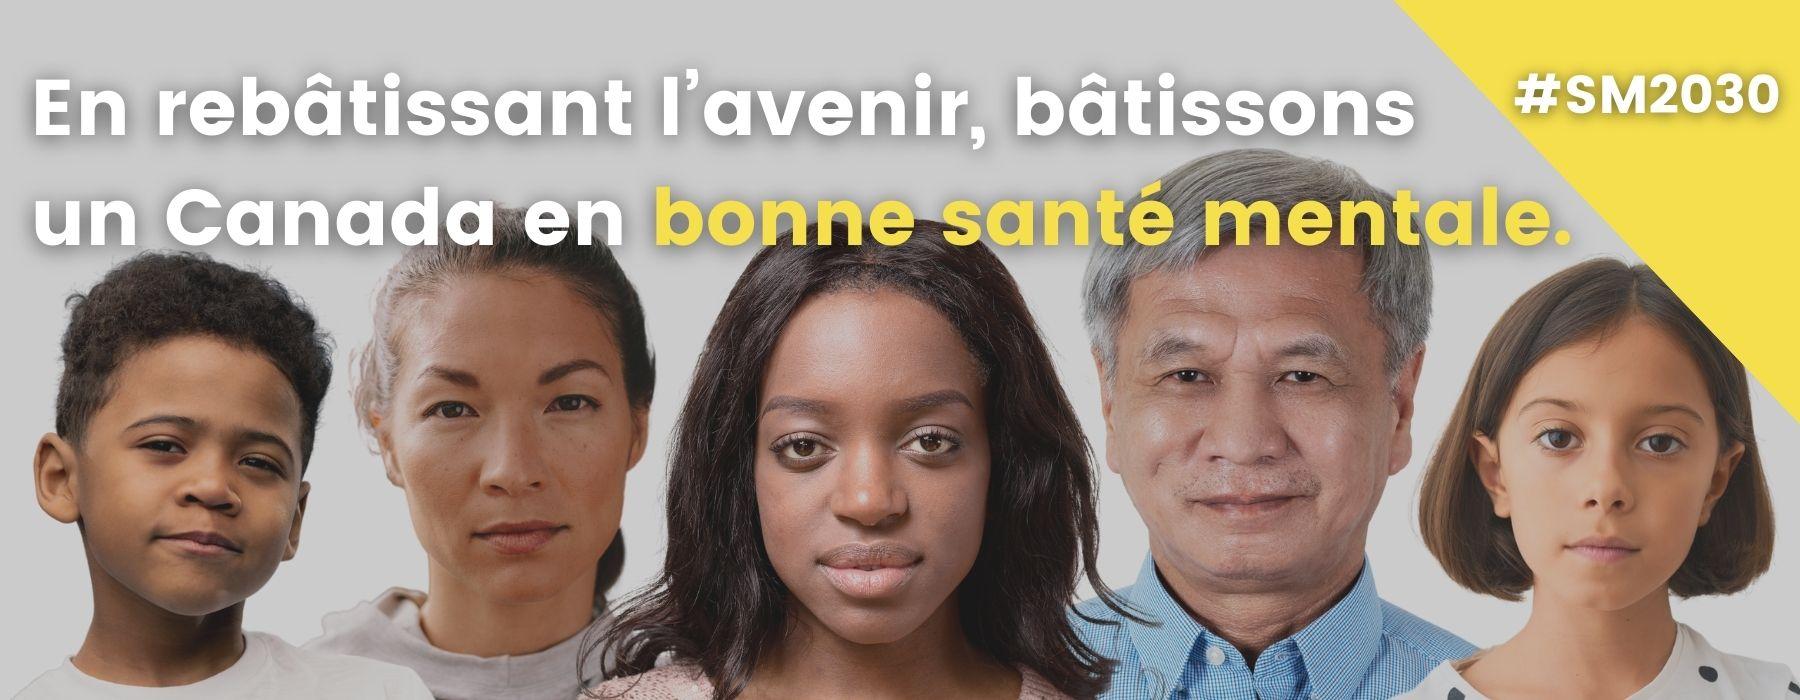 les differentes faces de canadiens